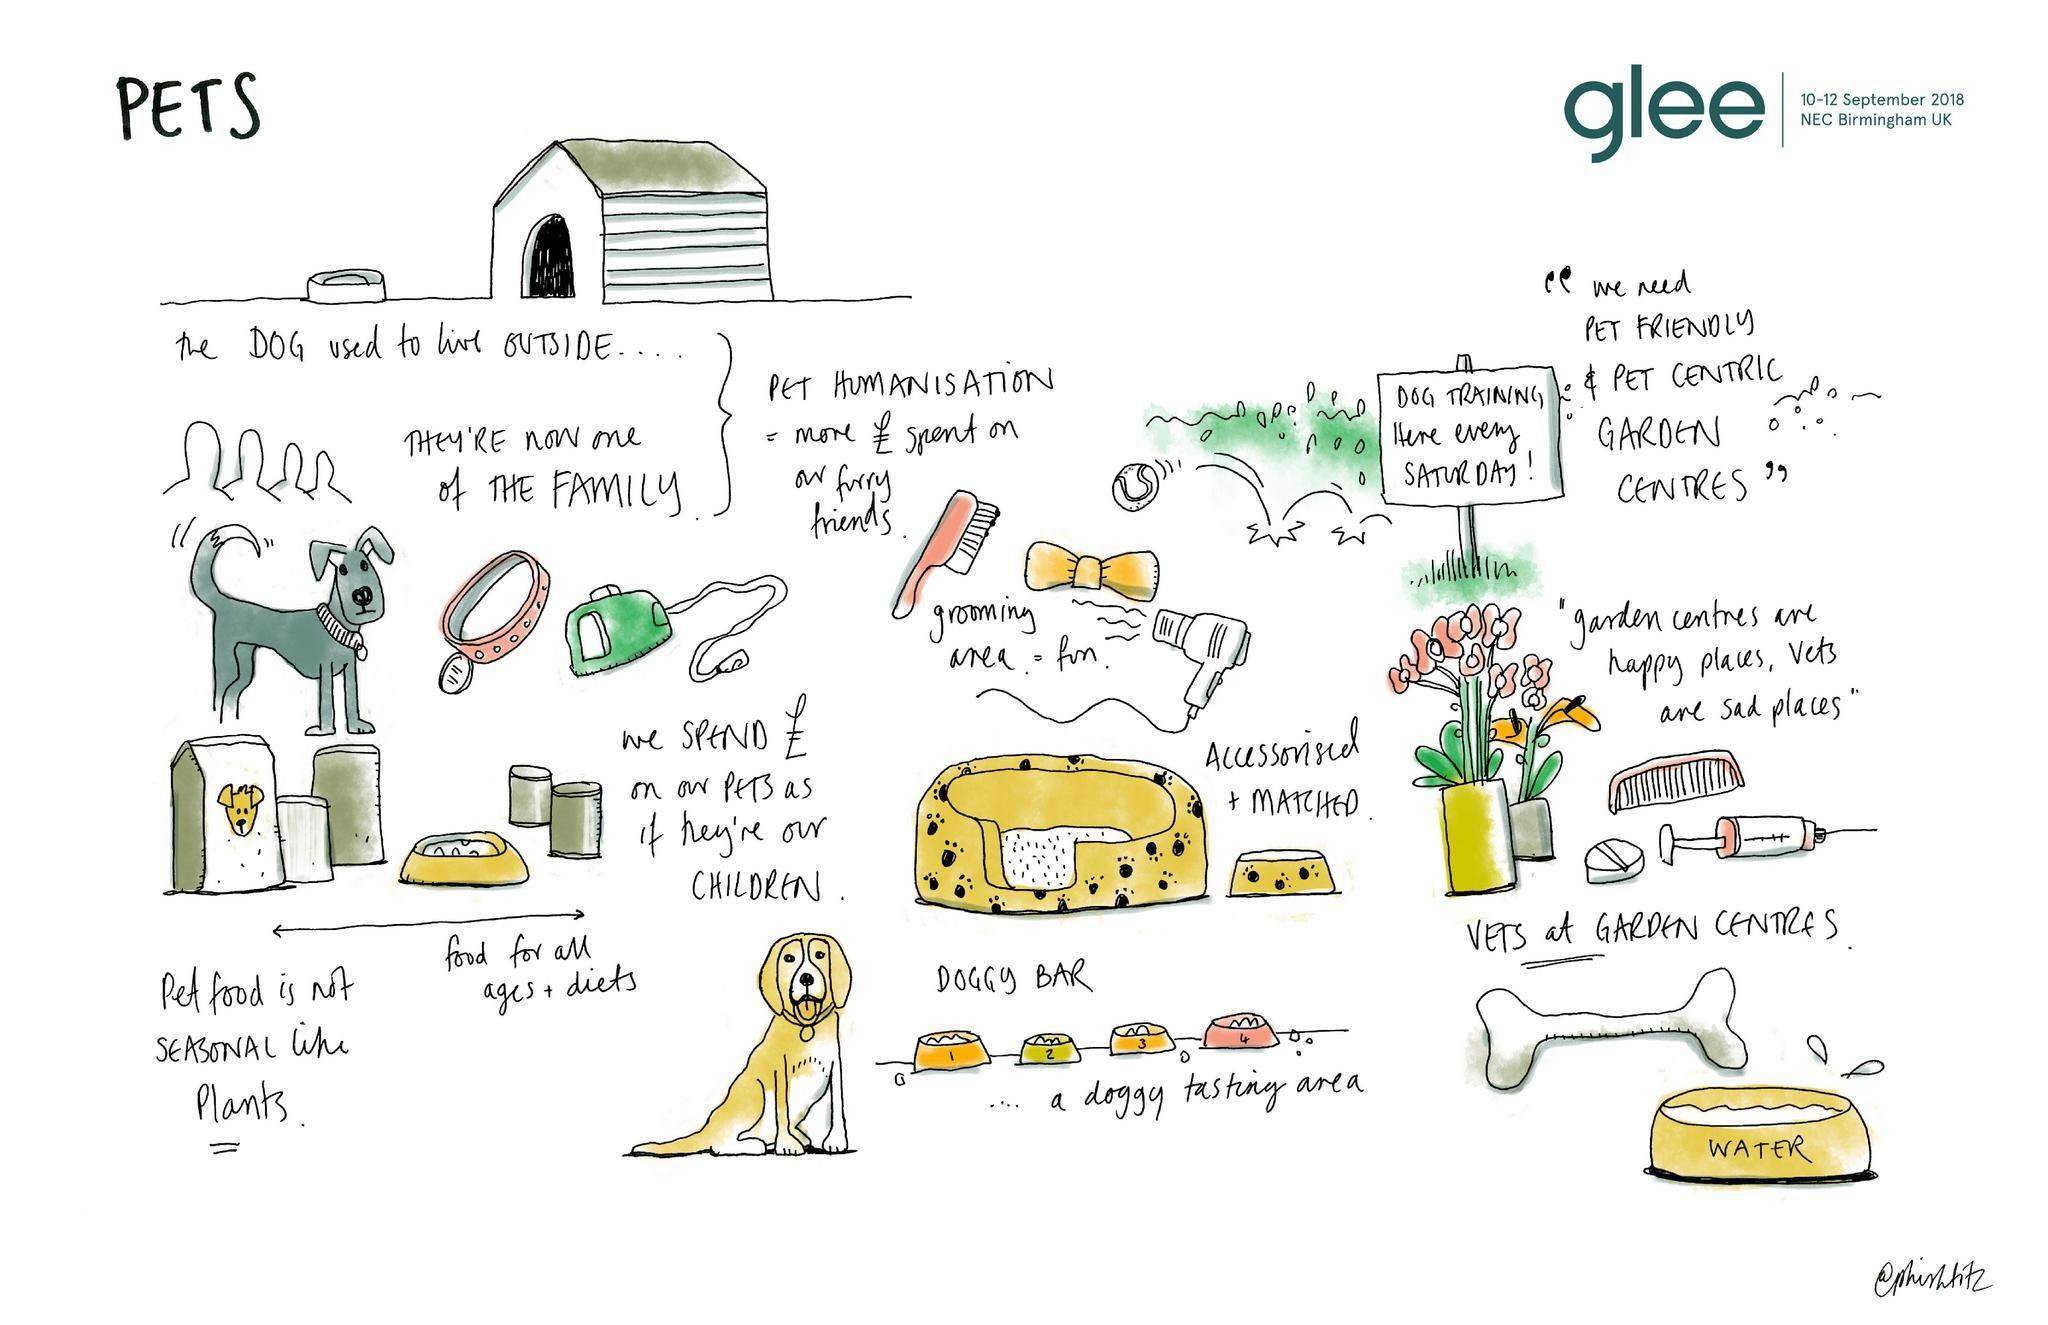 pets at glee sketchnotes